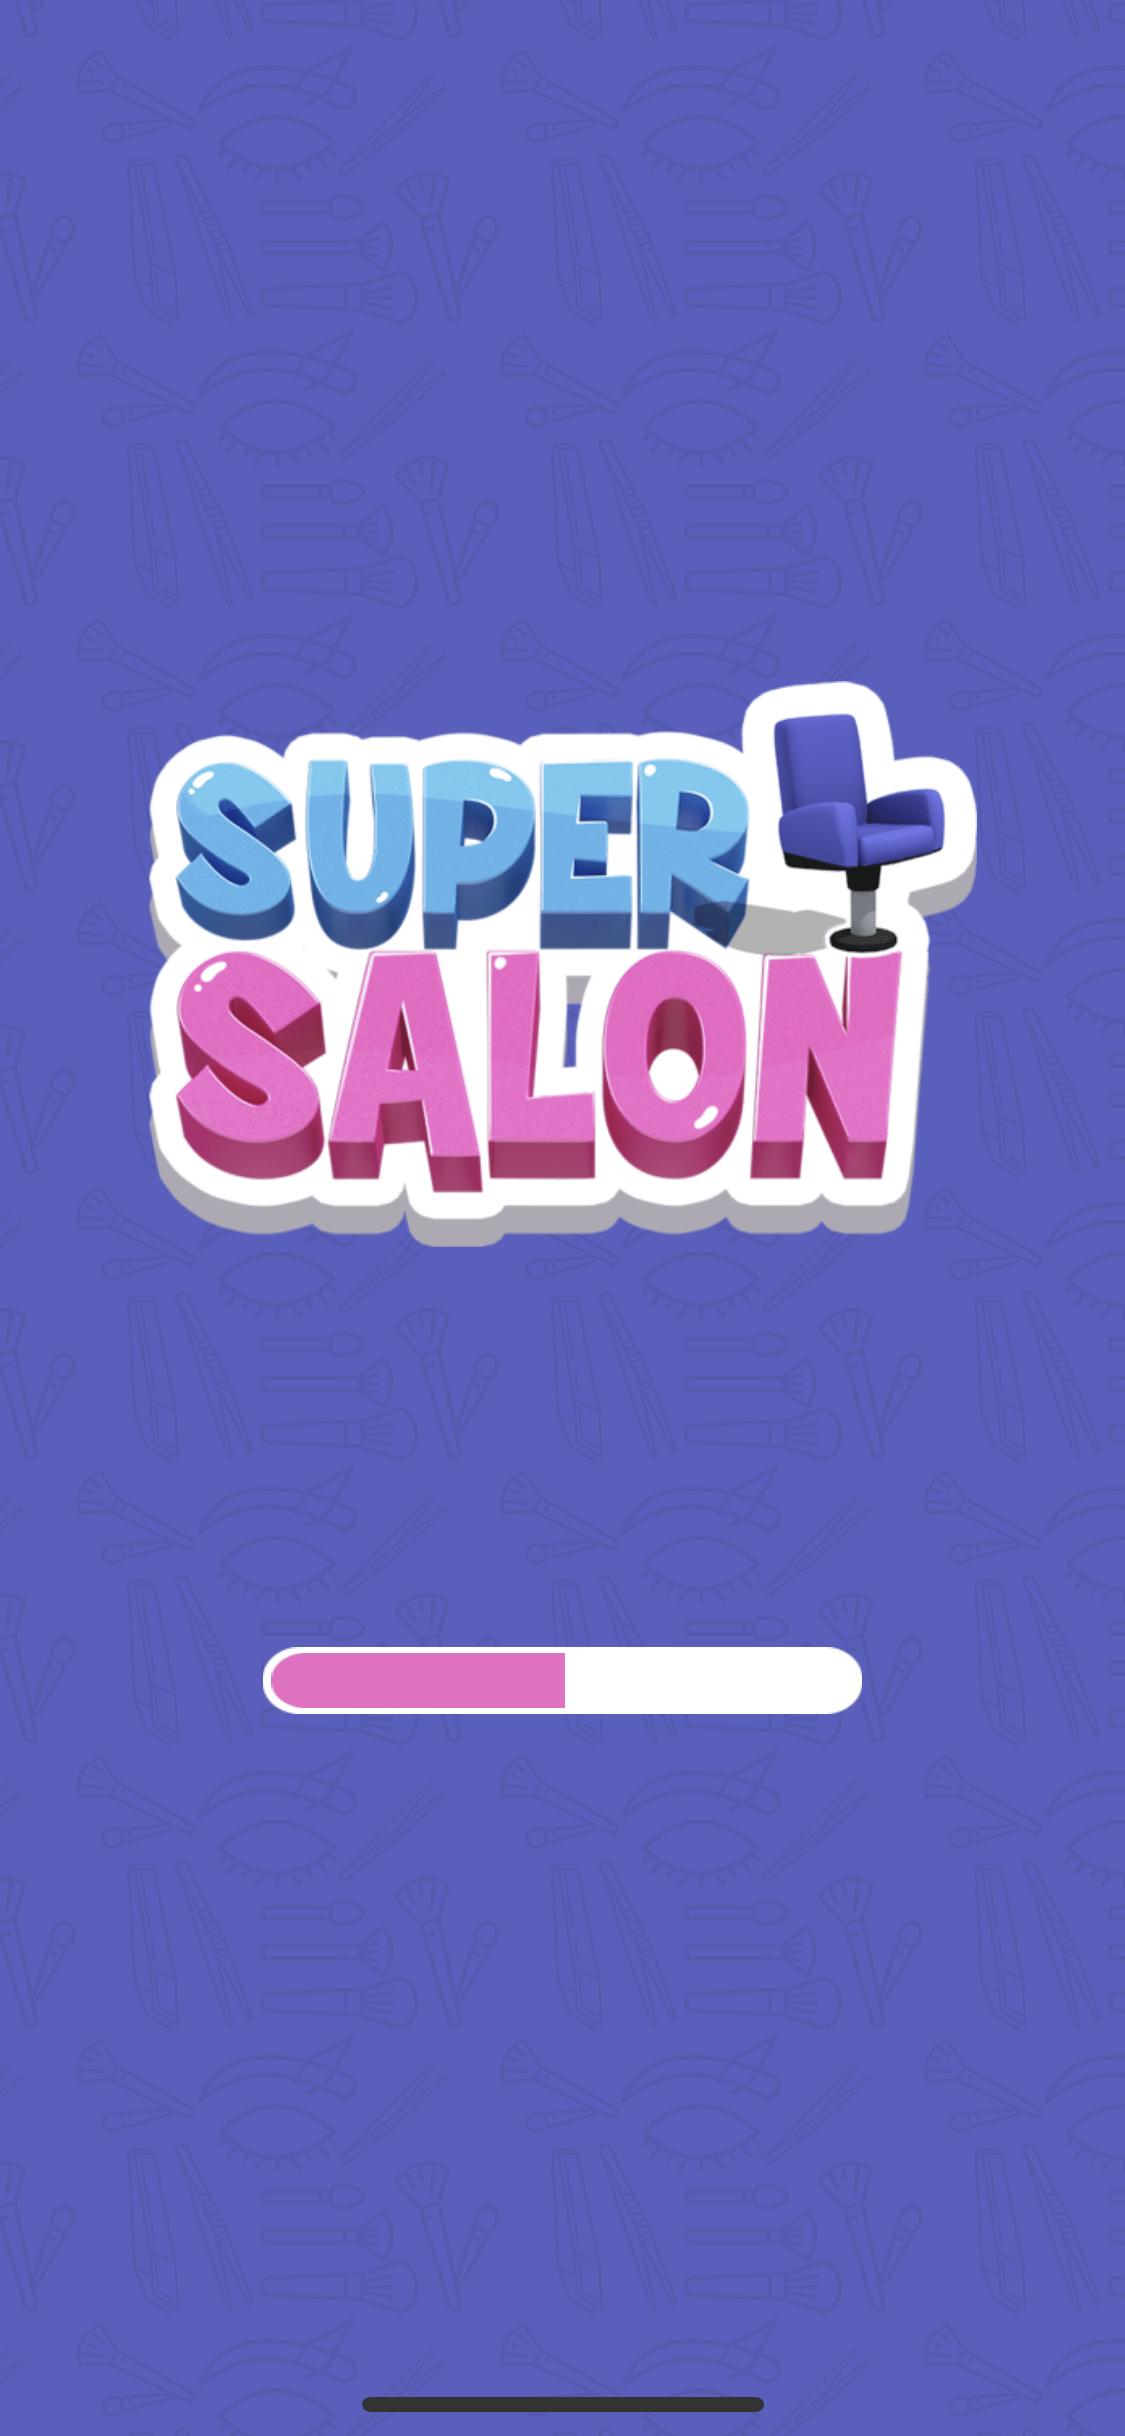 スーパーサロン攻略!アプリ序盤の進め方ポイントを解説!